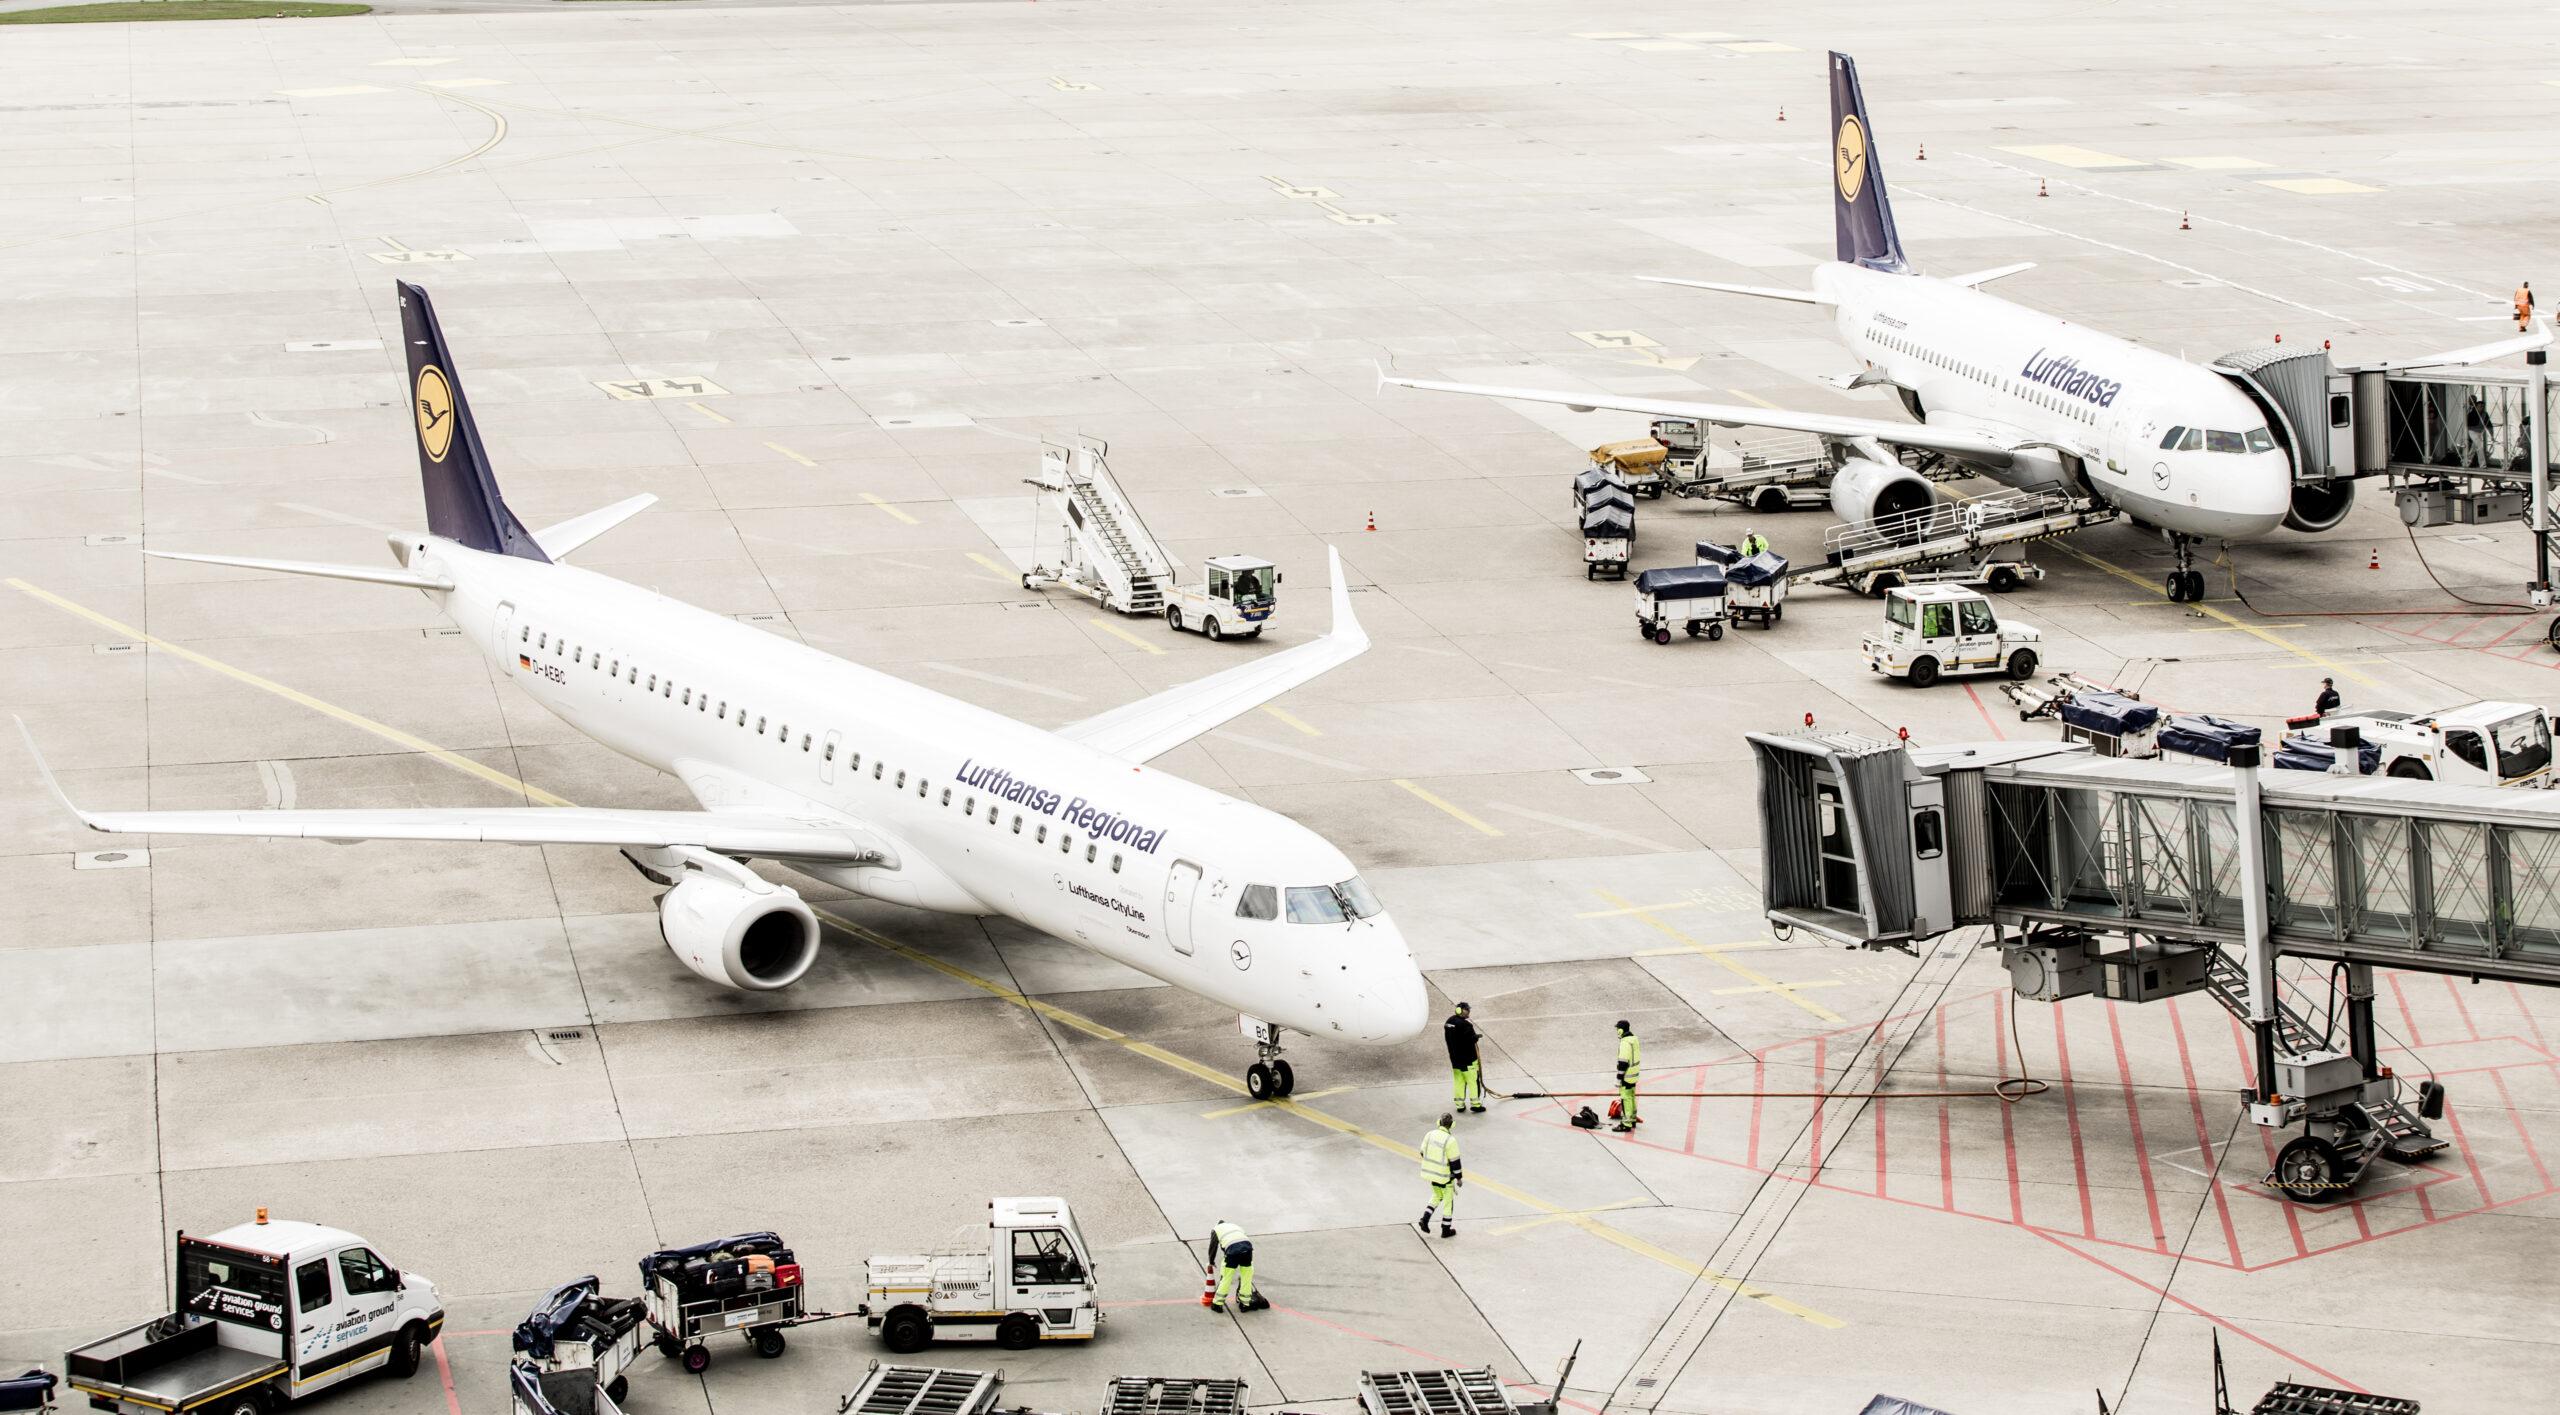 © Flughafen Hannover